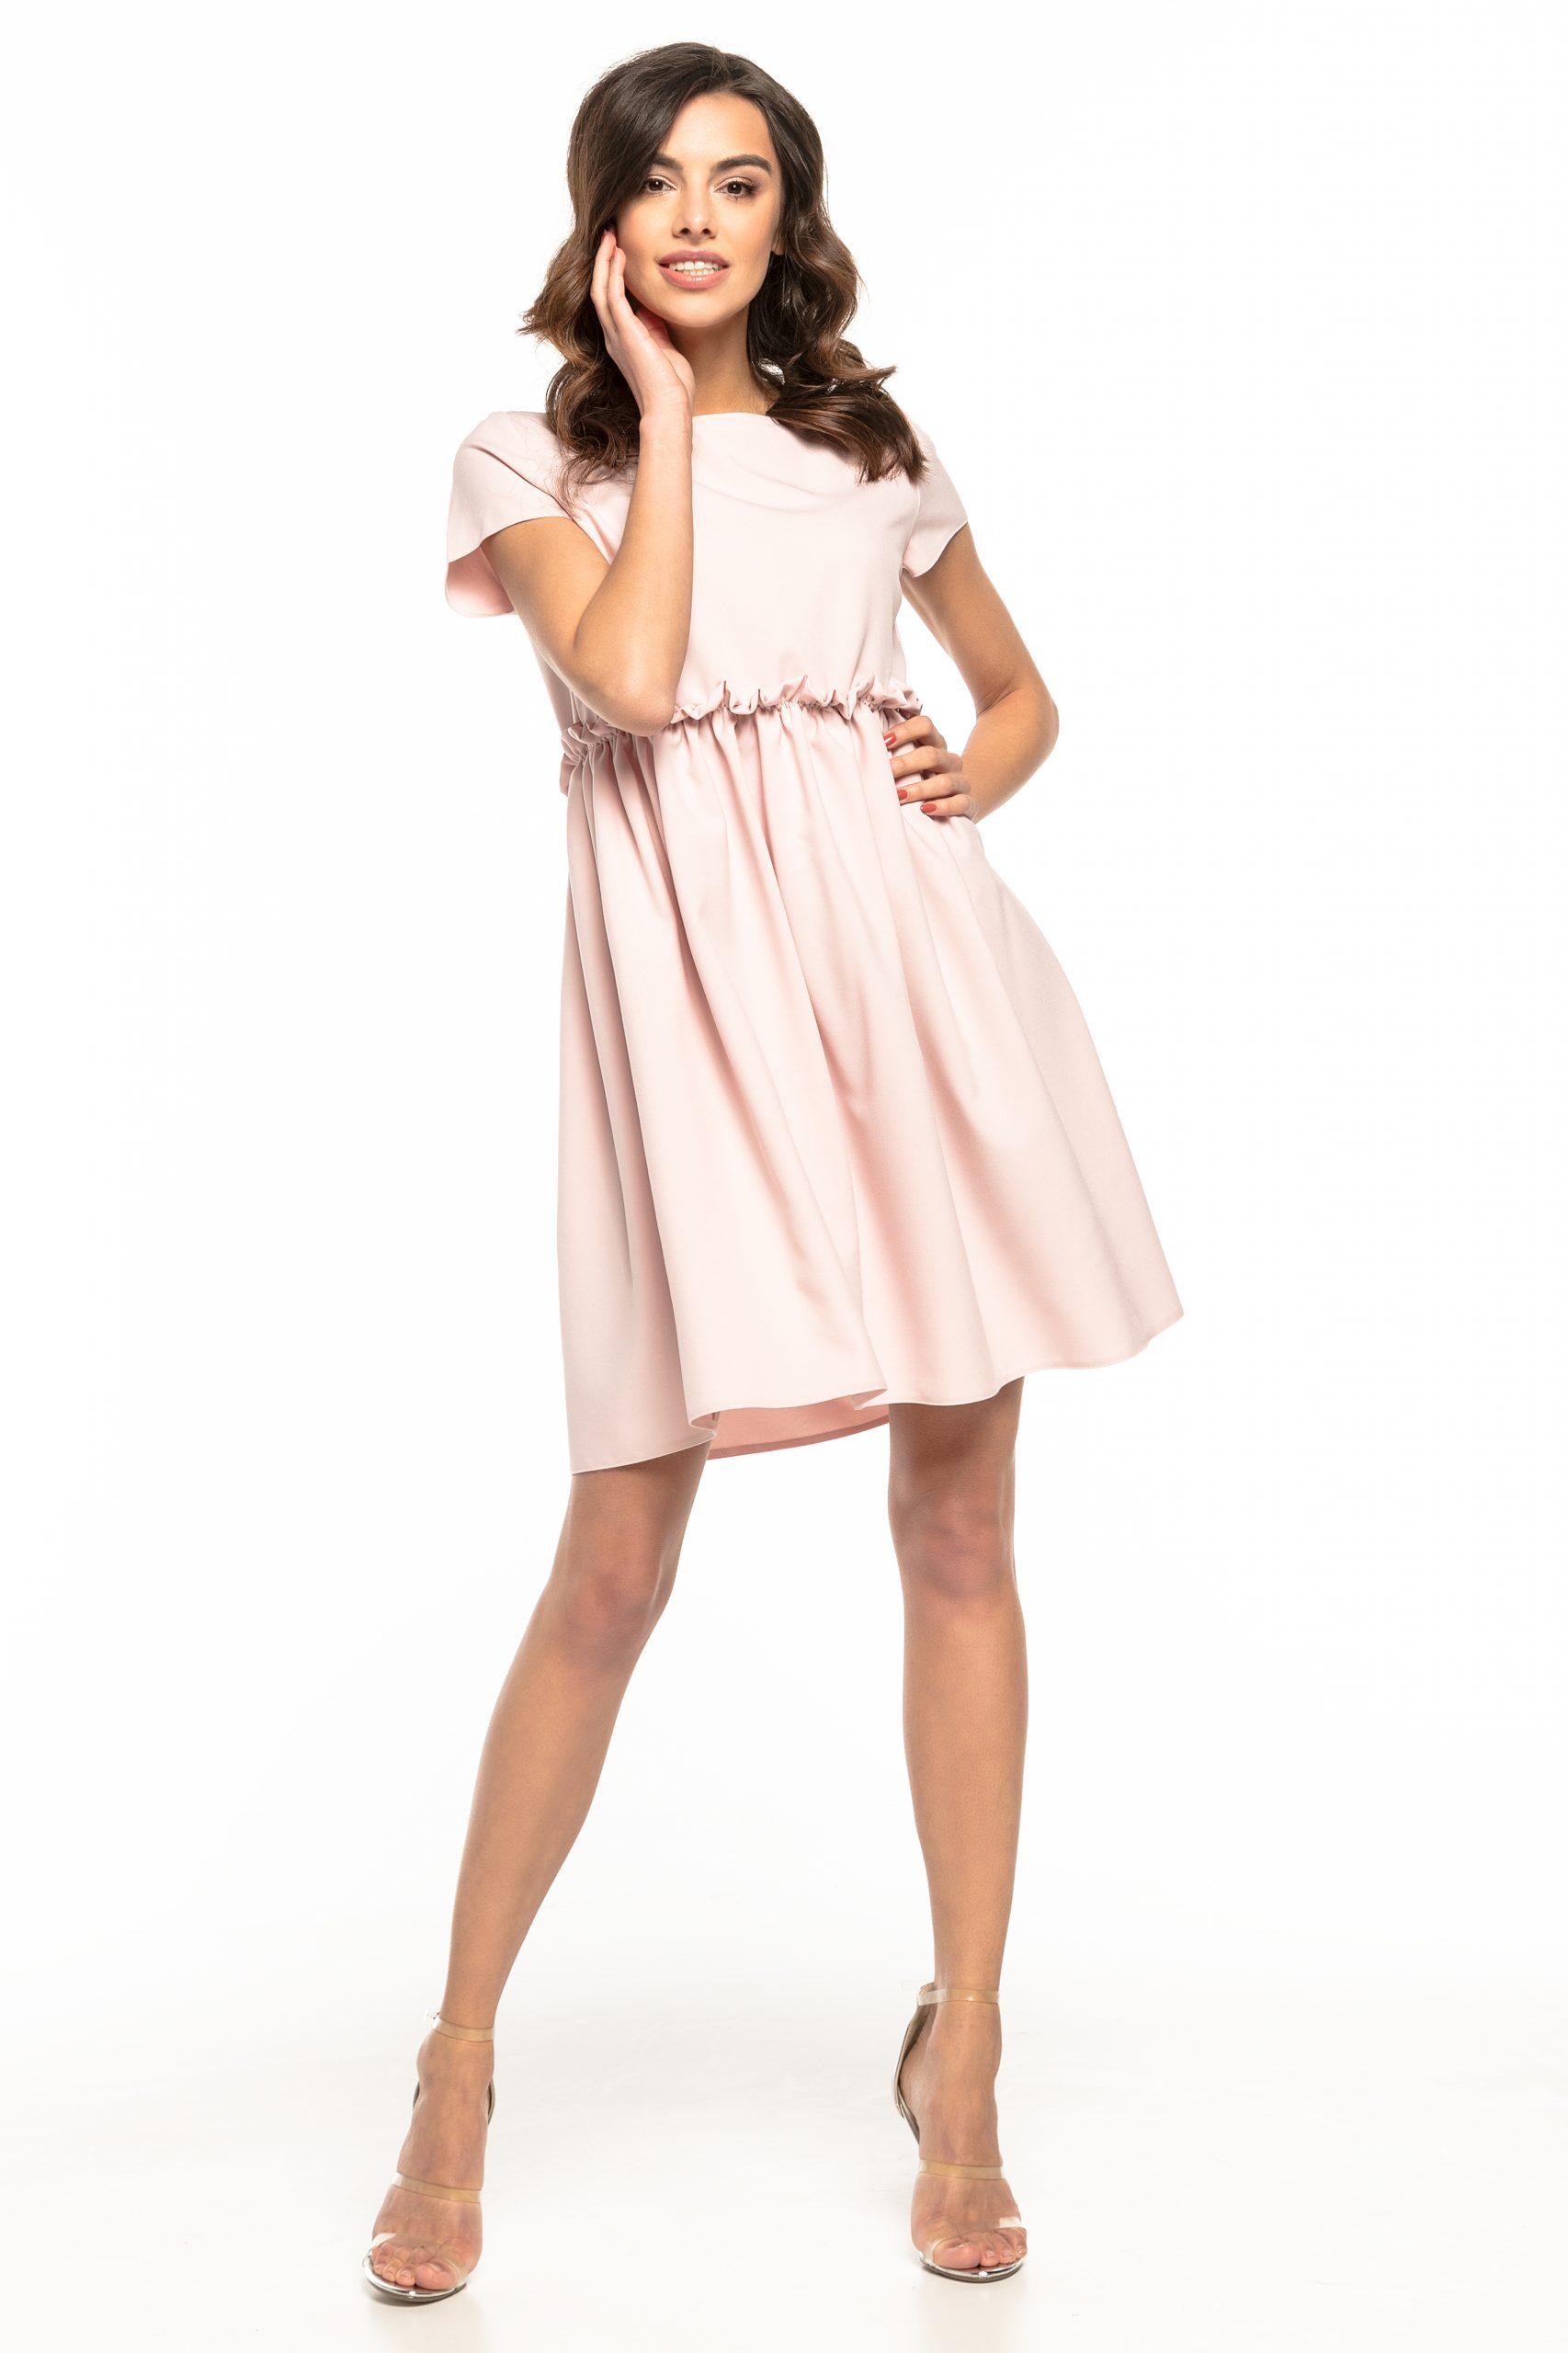 Sukienka odcięta pod biustem różowa